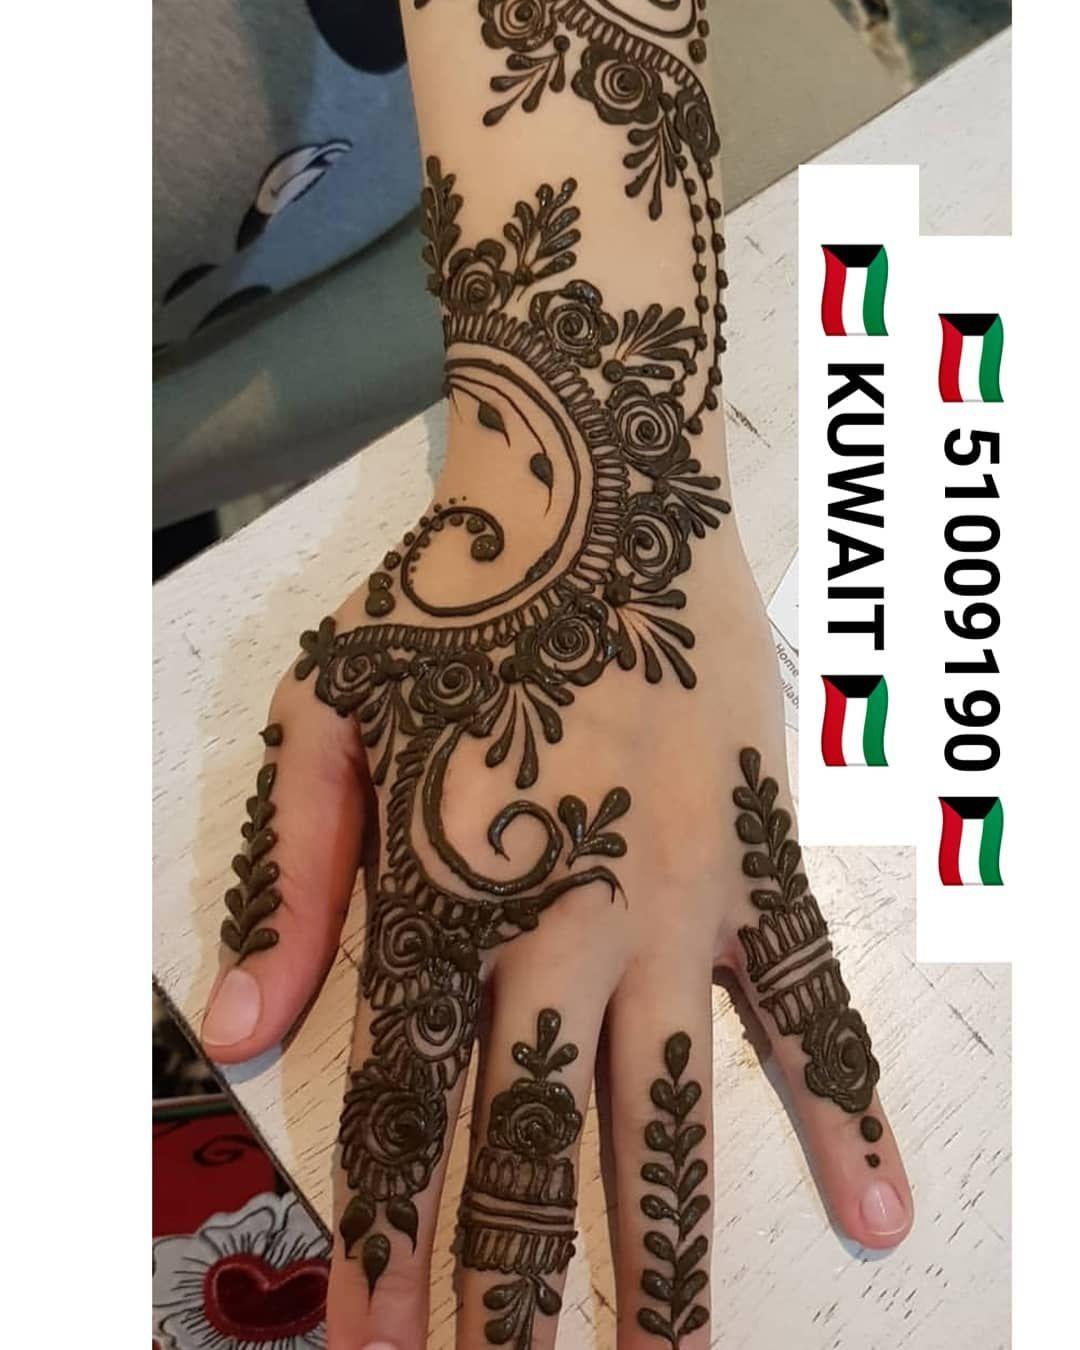 الحناء تسنيم للحناء في شهر رمضان و عيد استقبلي الشهر الفضيل مع اجمل نقوش الحناء نقوش حناءعلى شكل هلال و نجمة من مختلف ال Hand Henna Henna Henna Hand Tattoo